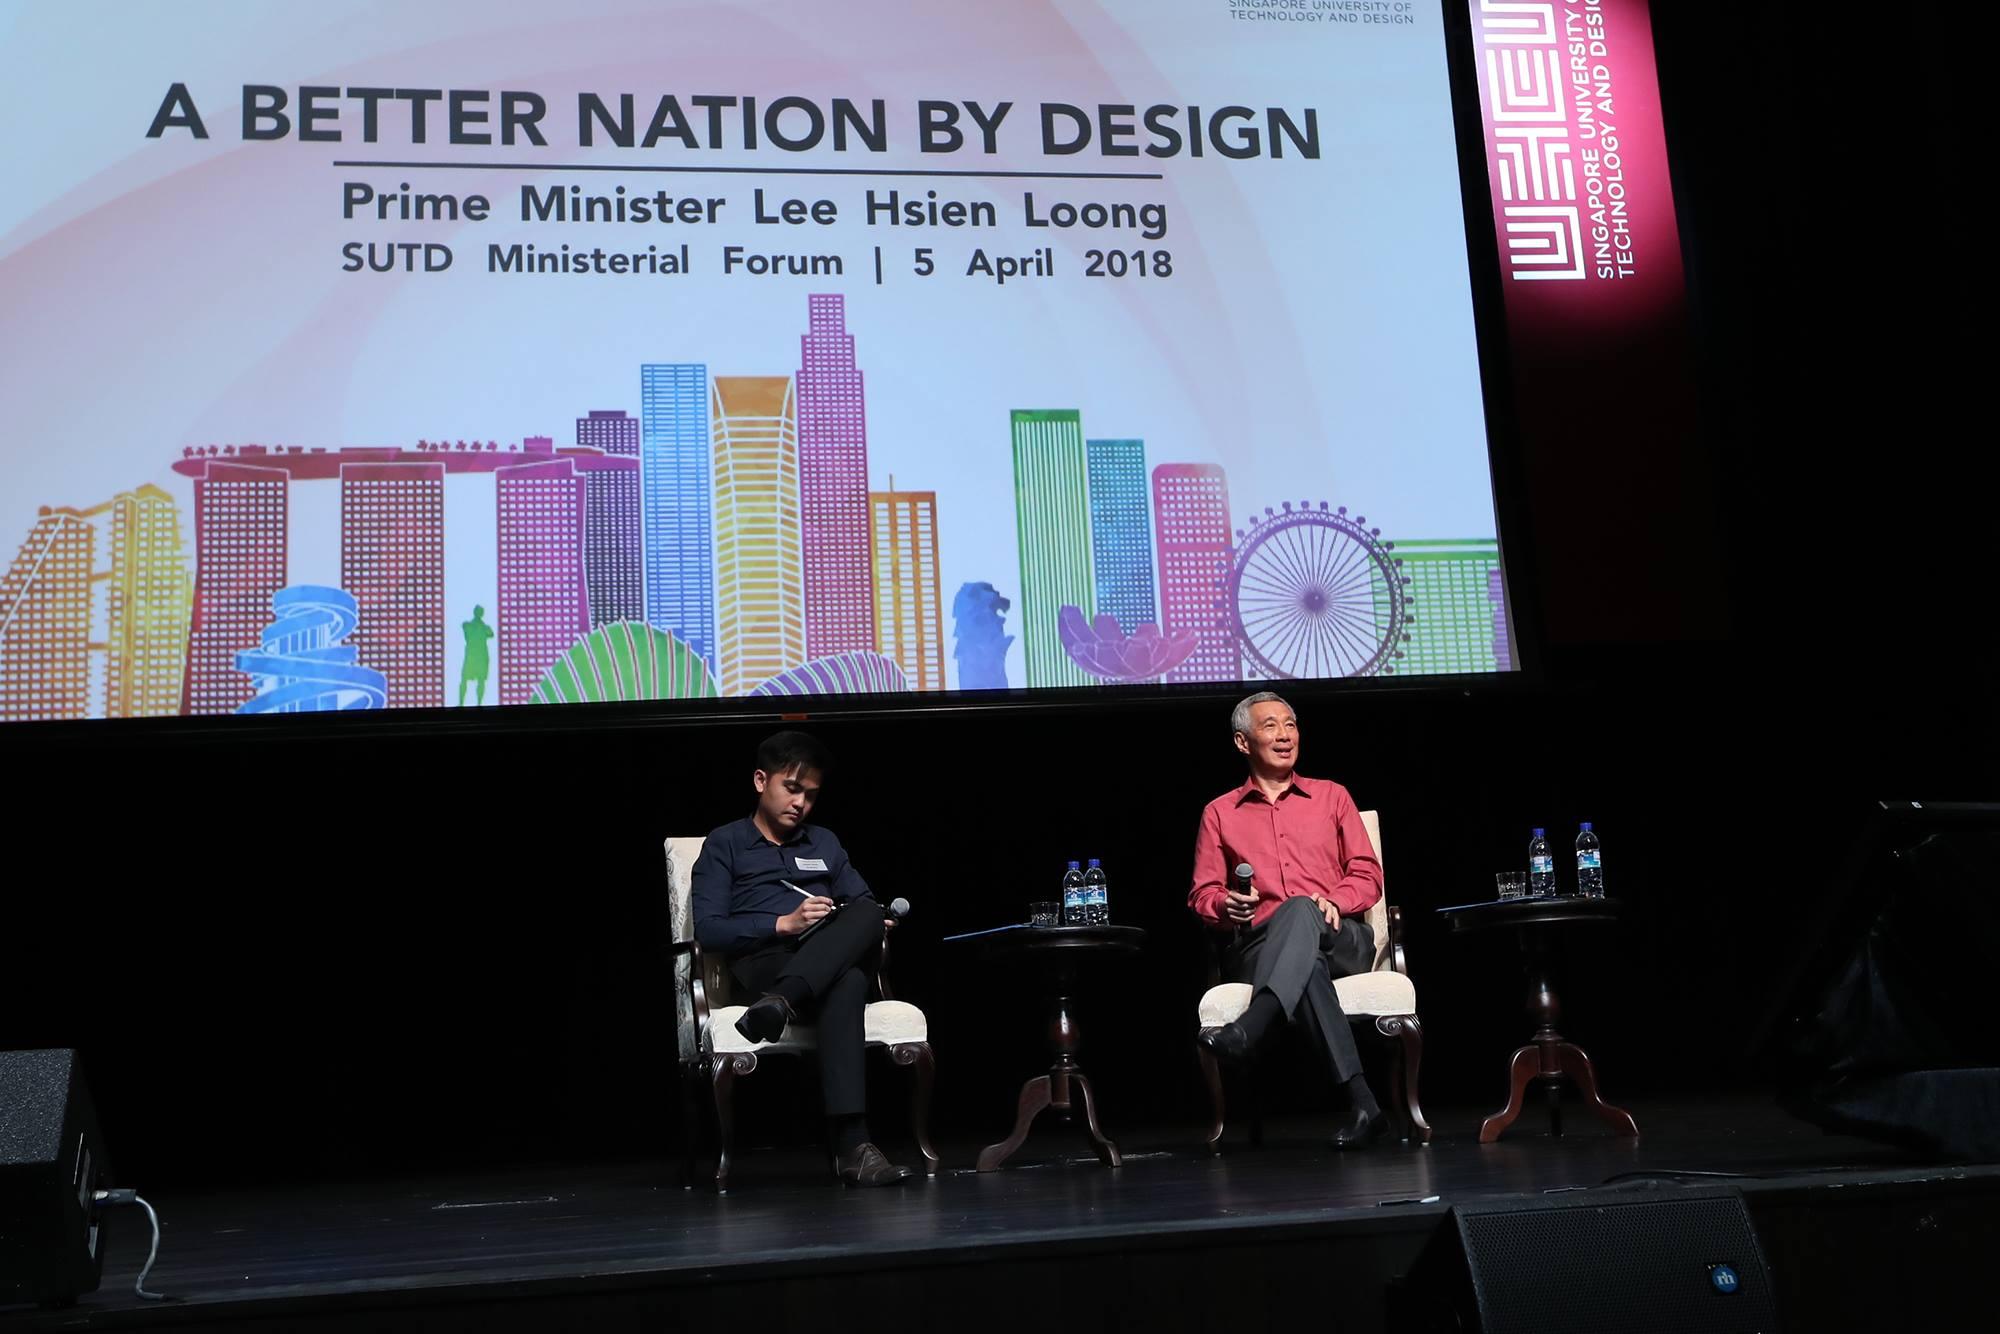 Kết quả hình ảnh cho Diễn đàn cấp Bộ trưởng về Công nghệ và Thiết kế Singapore (SUTD)